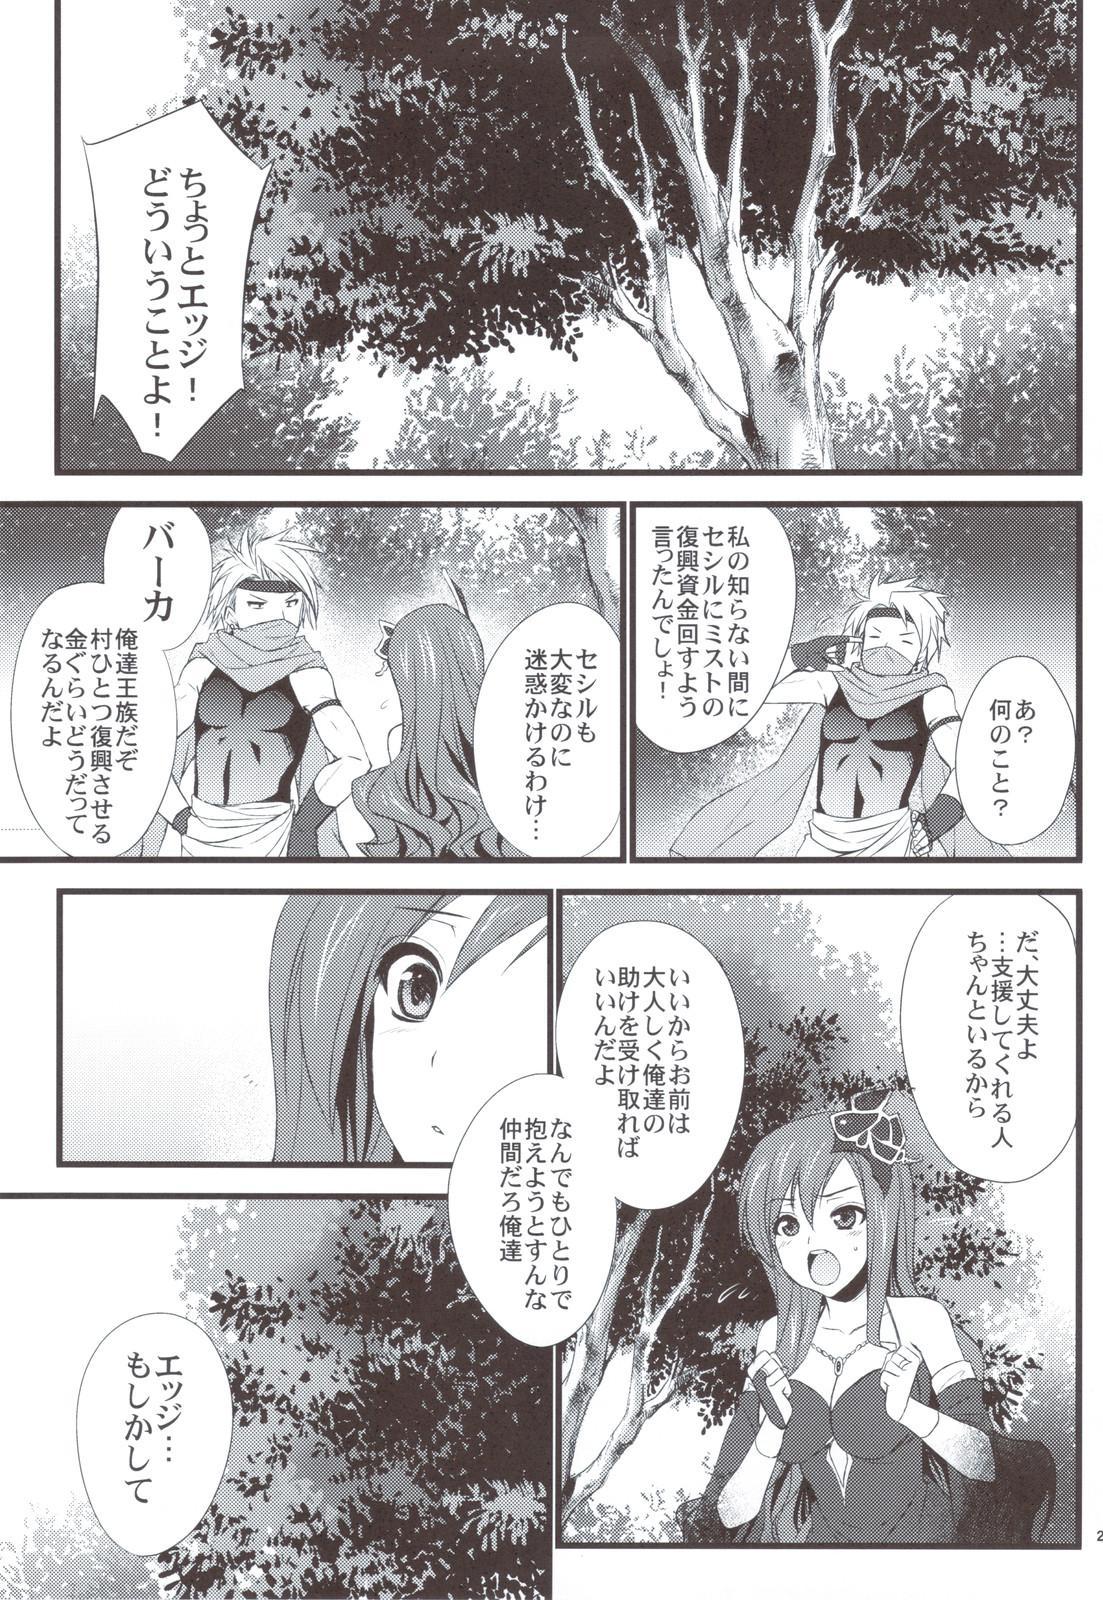 Rydia no Kachi 28